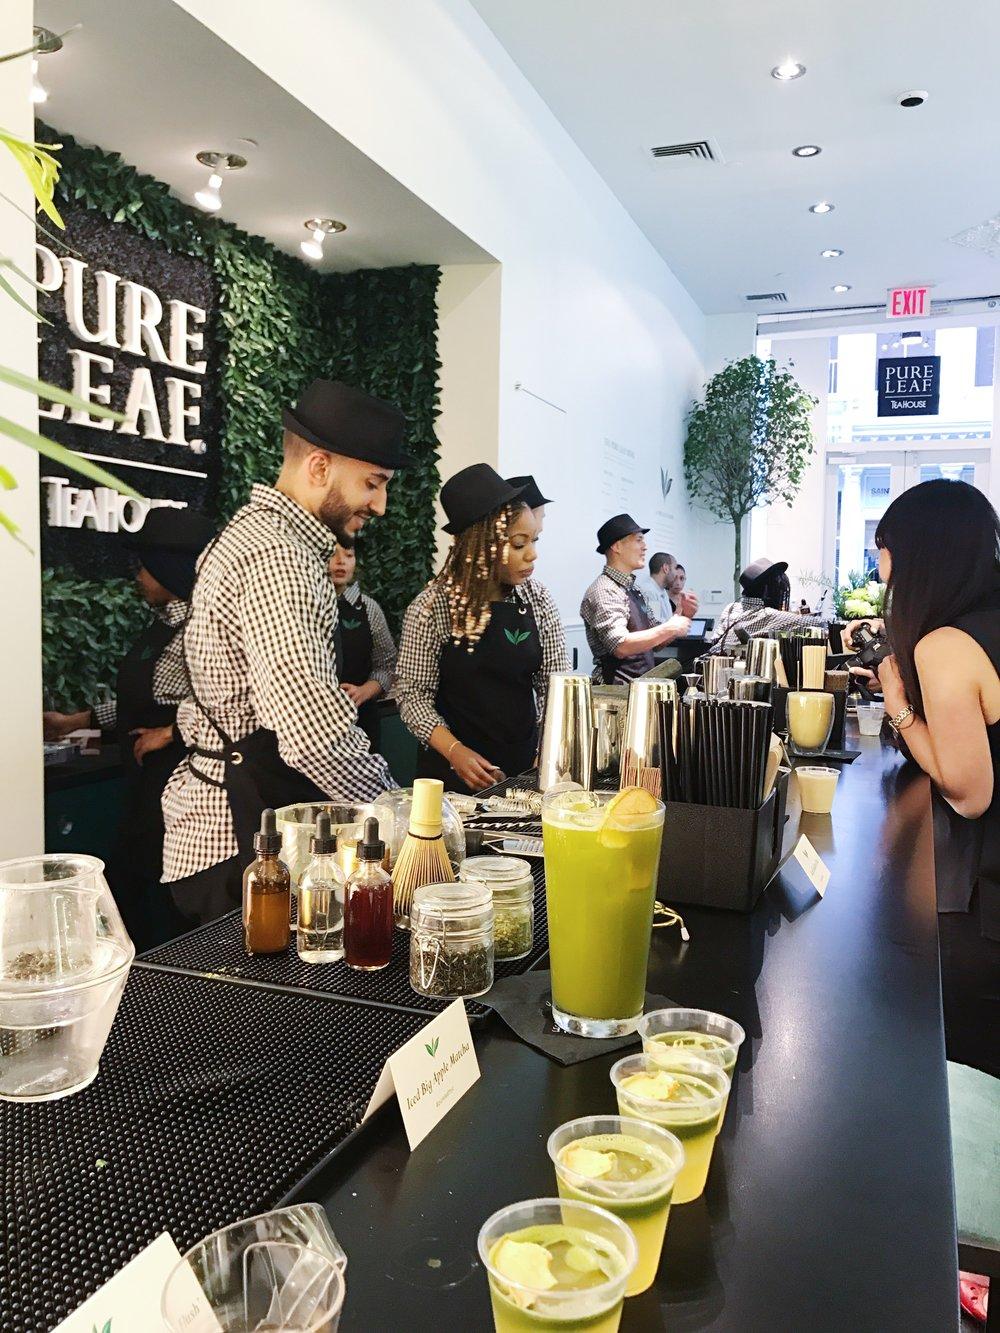 pure leaf tea house nyc tea bar